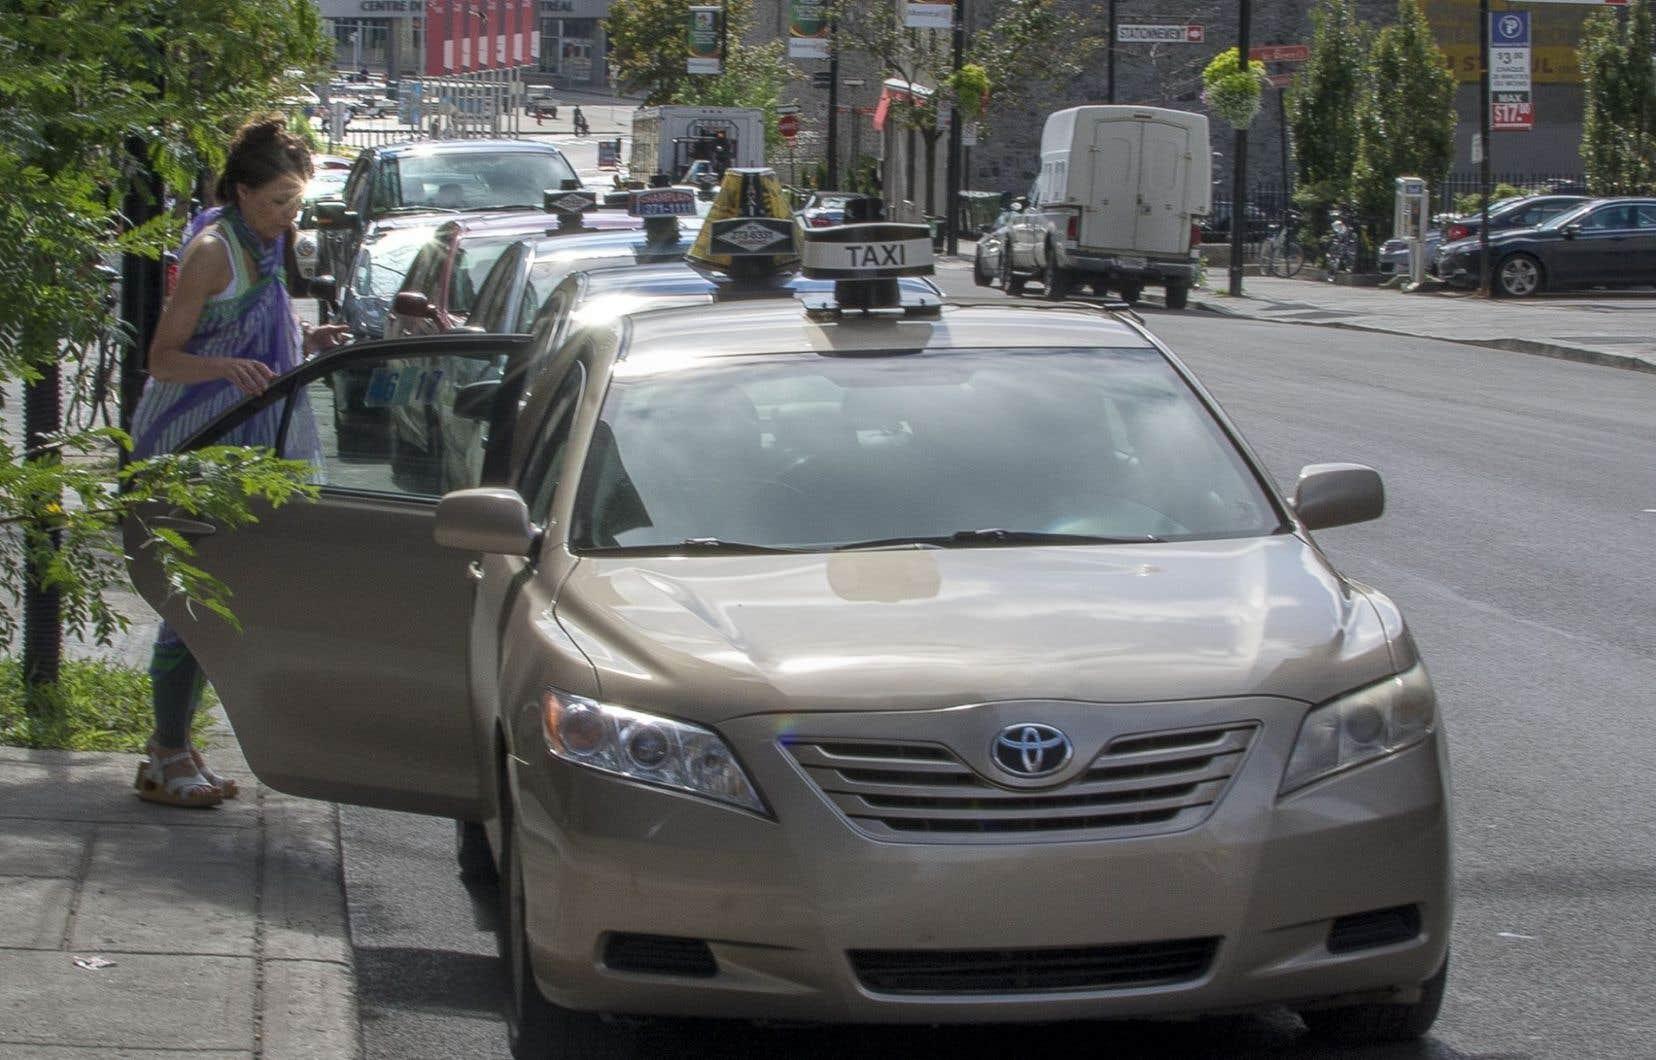 L'industrie du taxi fait aujourd'hui face à une autre remise en question.